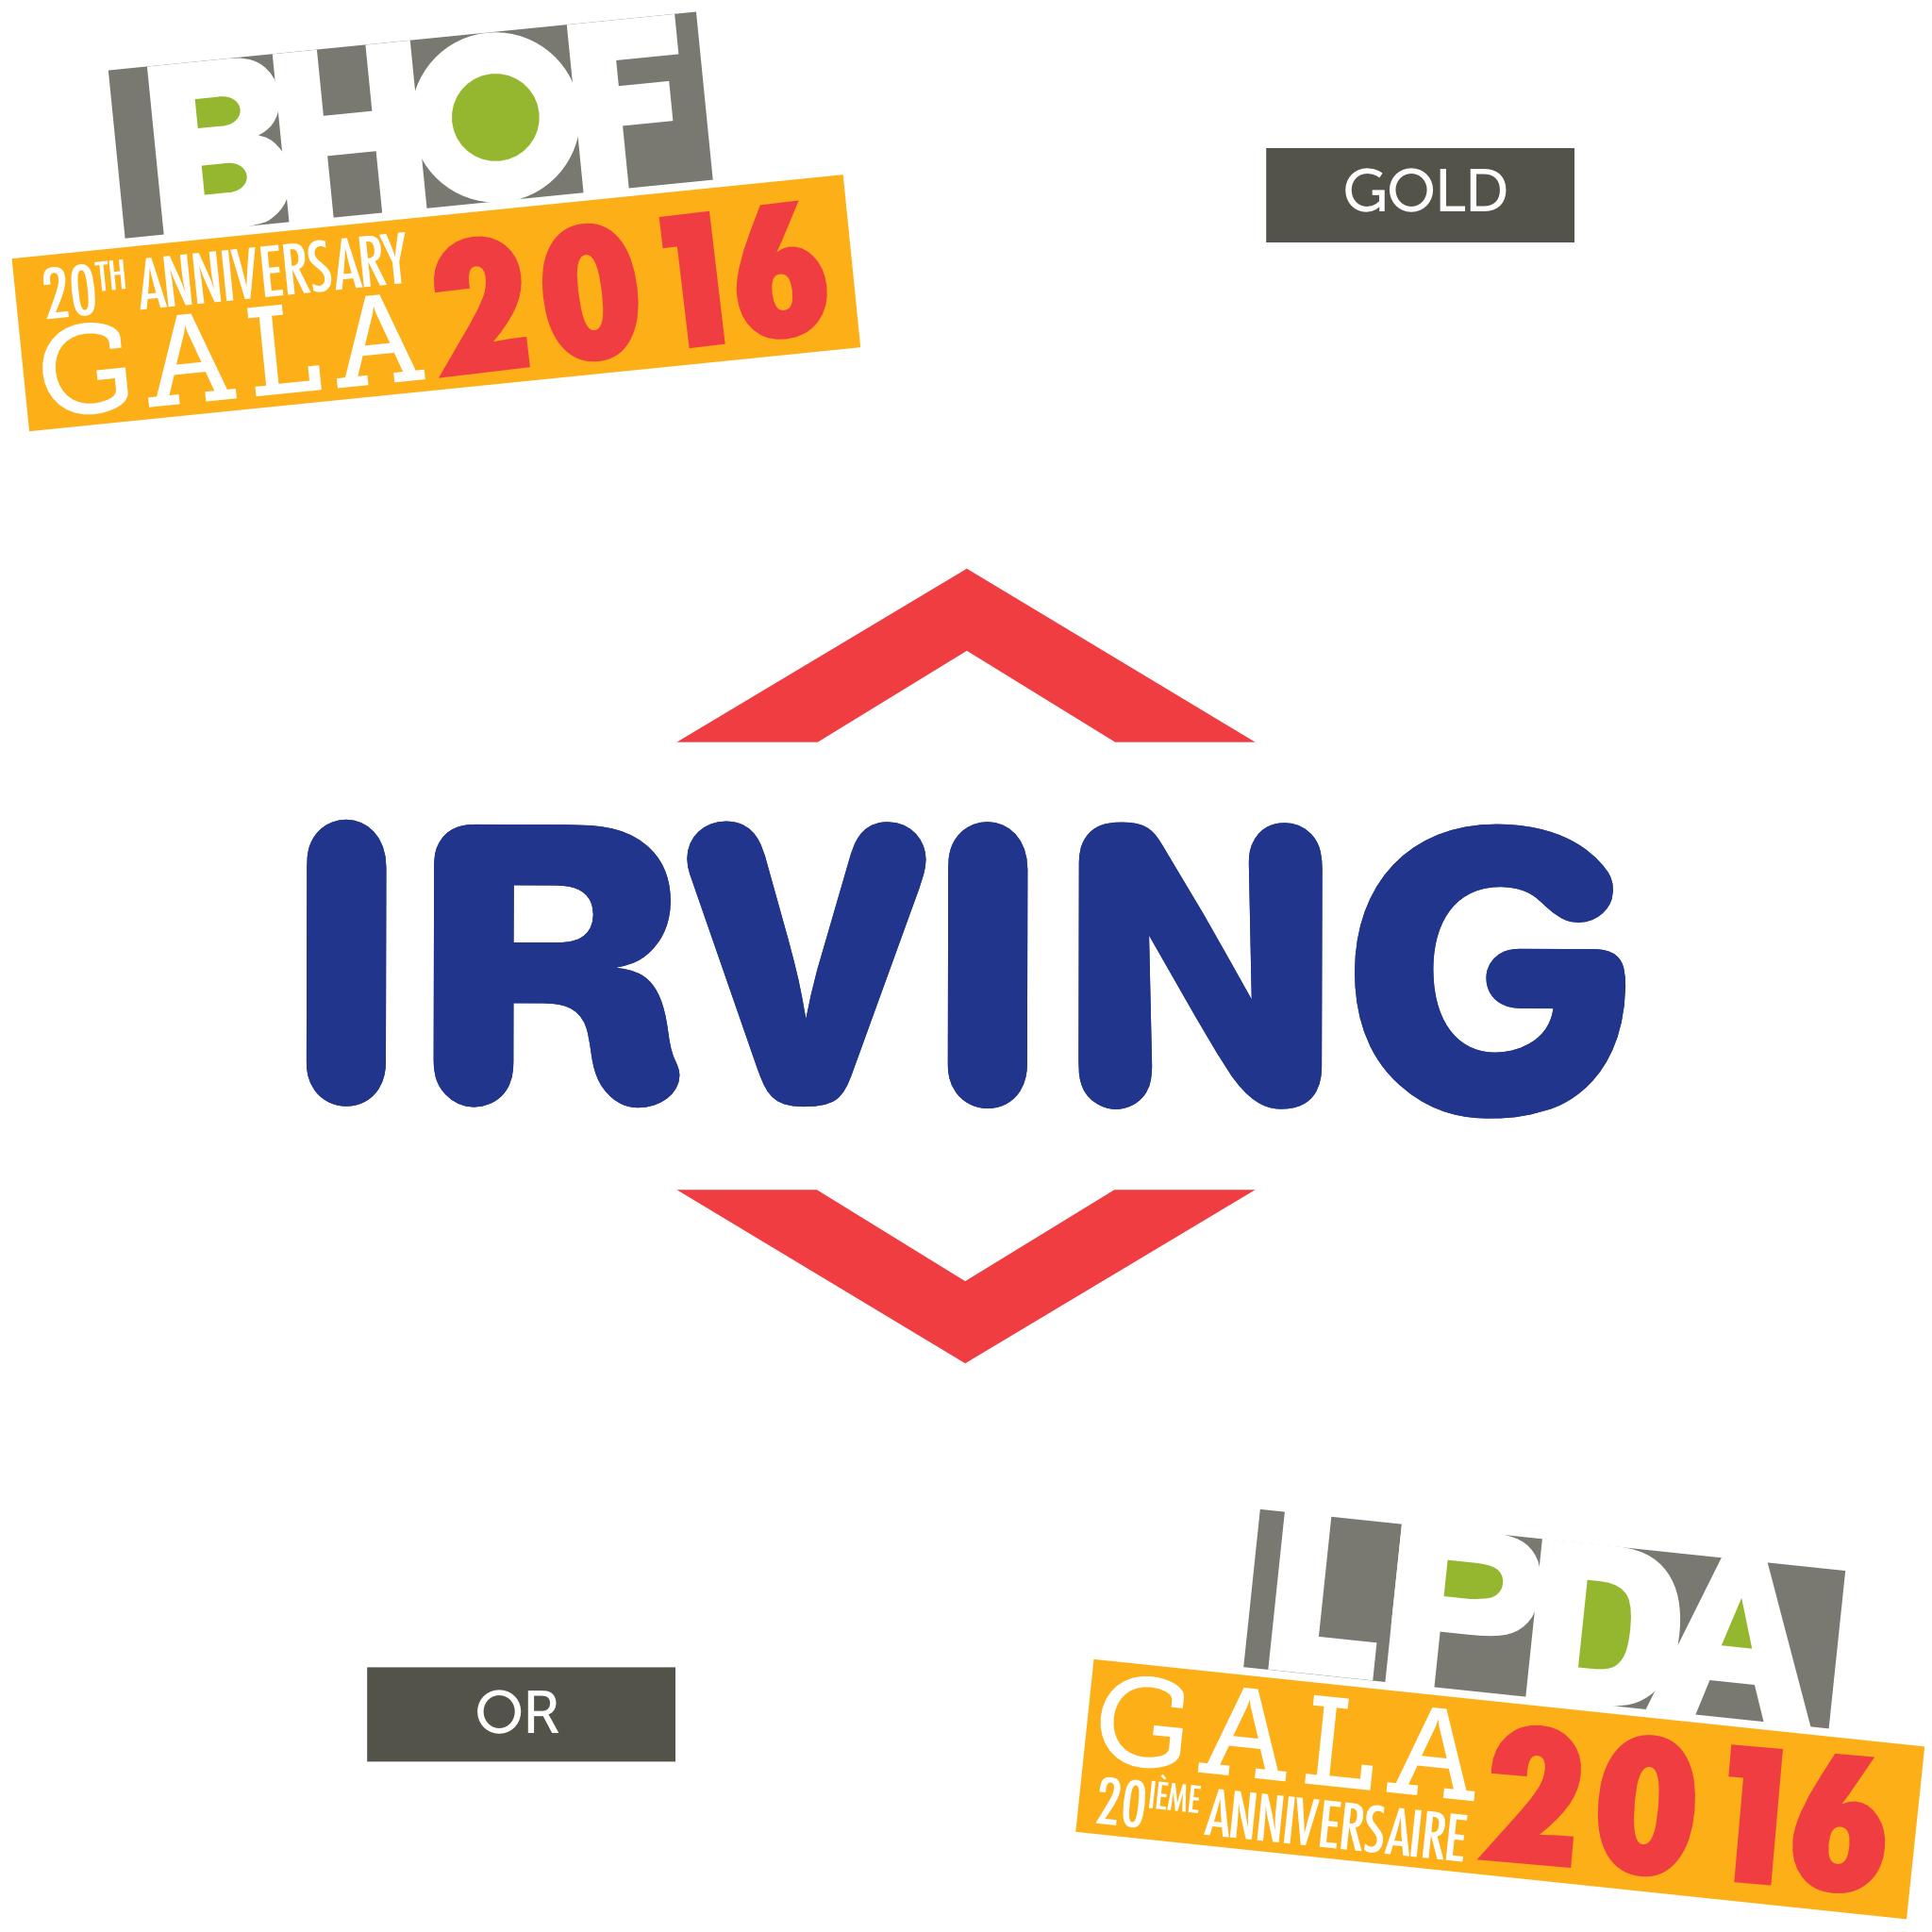 C Gold Irving Oil.jpg